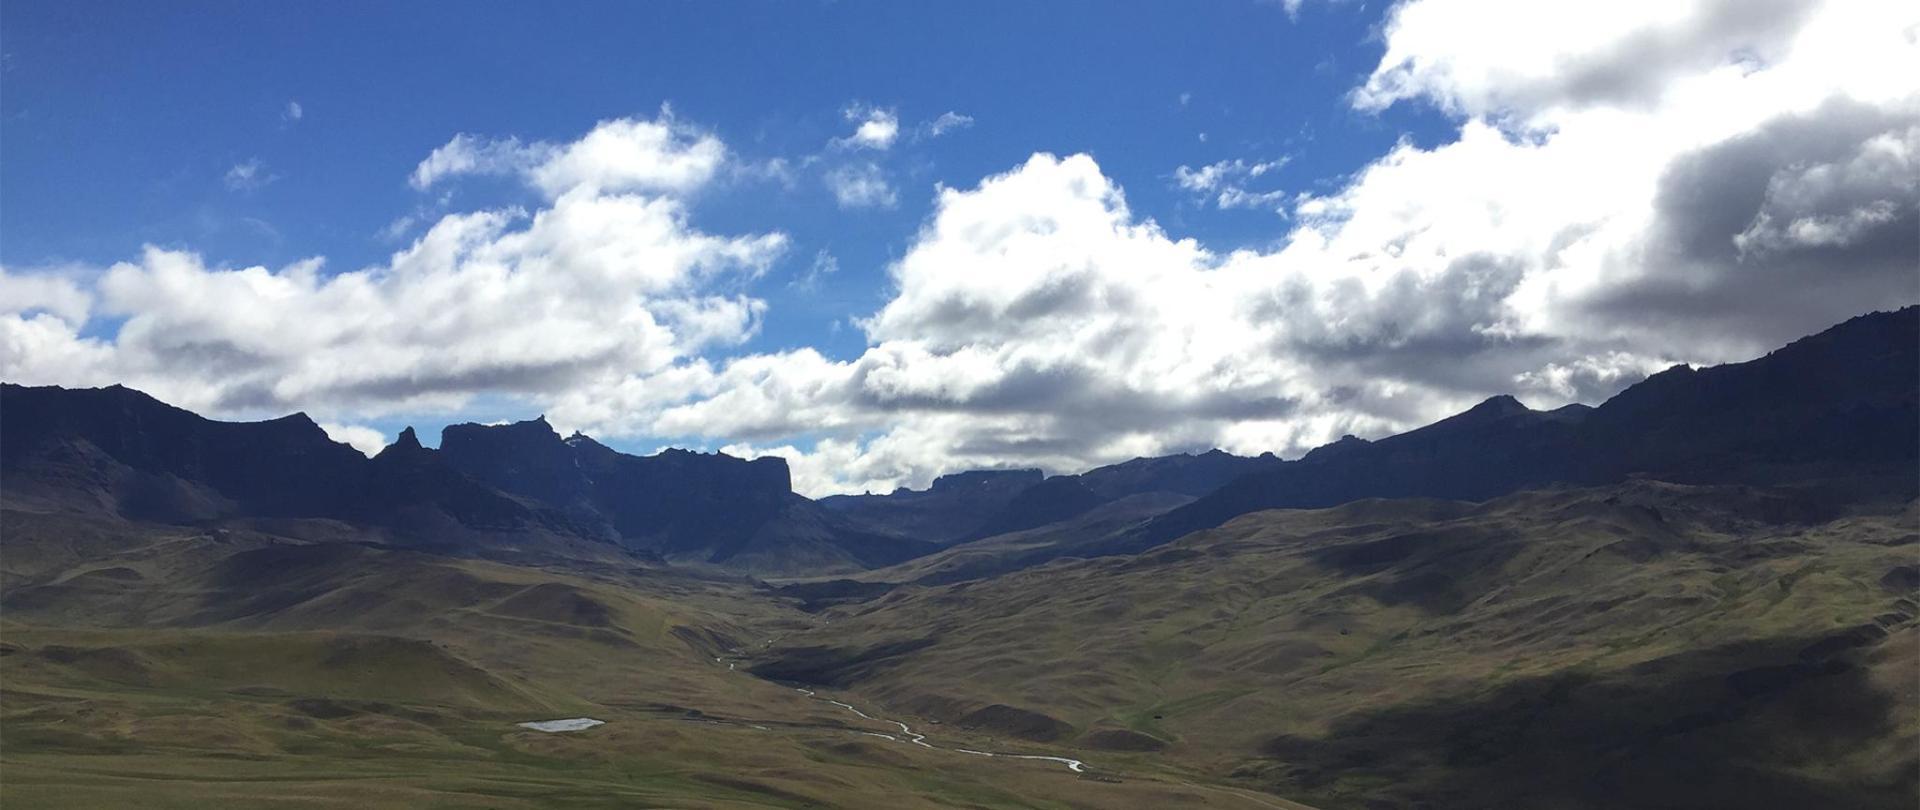 Sierra-Baguales-4.jpg